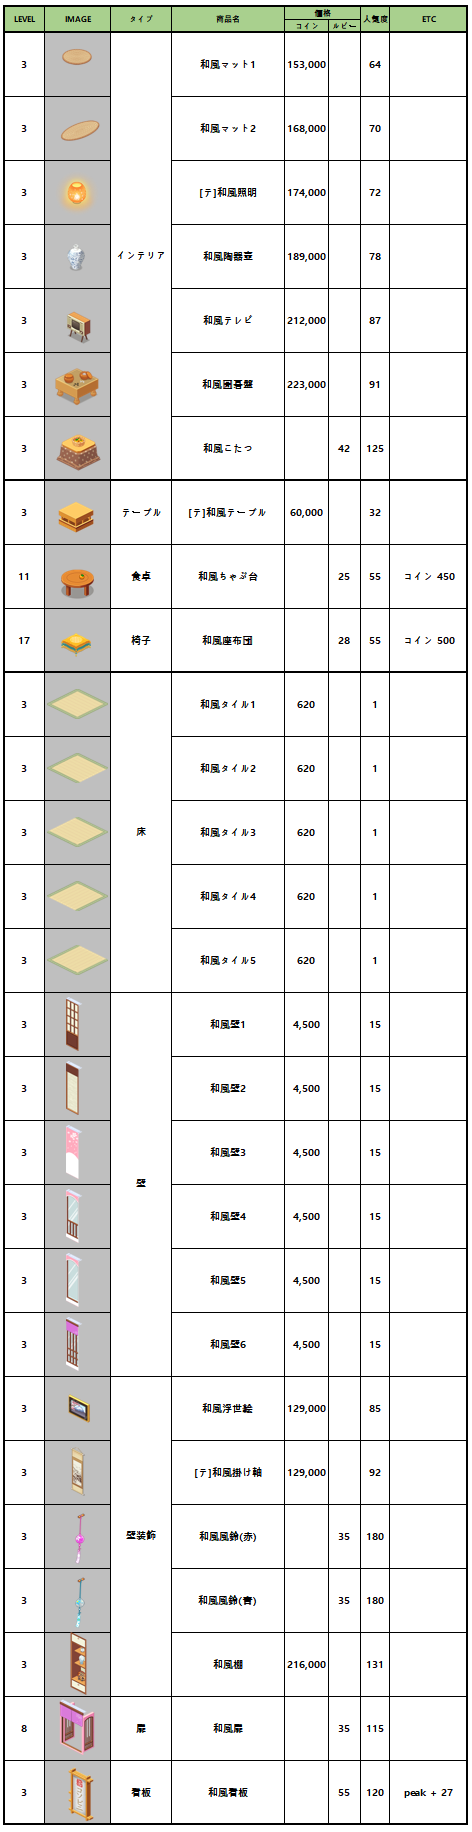 マイコンビニ: お知らせ - 8月24日(火)メンテナンス内容「和風」コンテンツの復刻販売 image 12